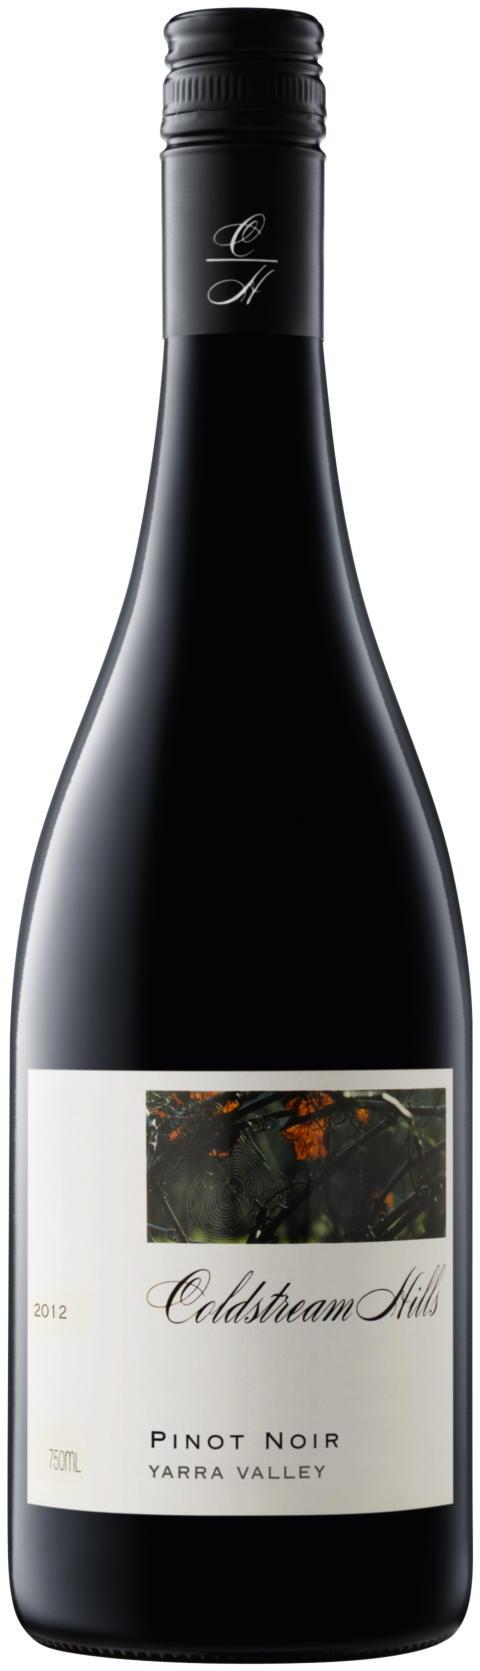 Coldstream Hills Pinot Noir 2012